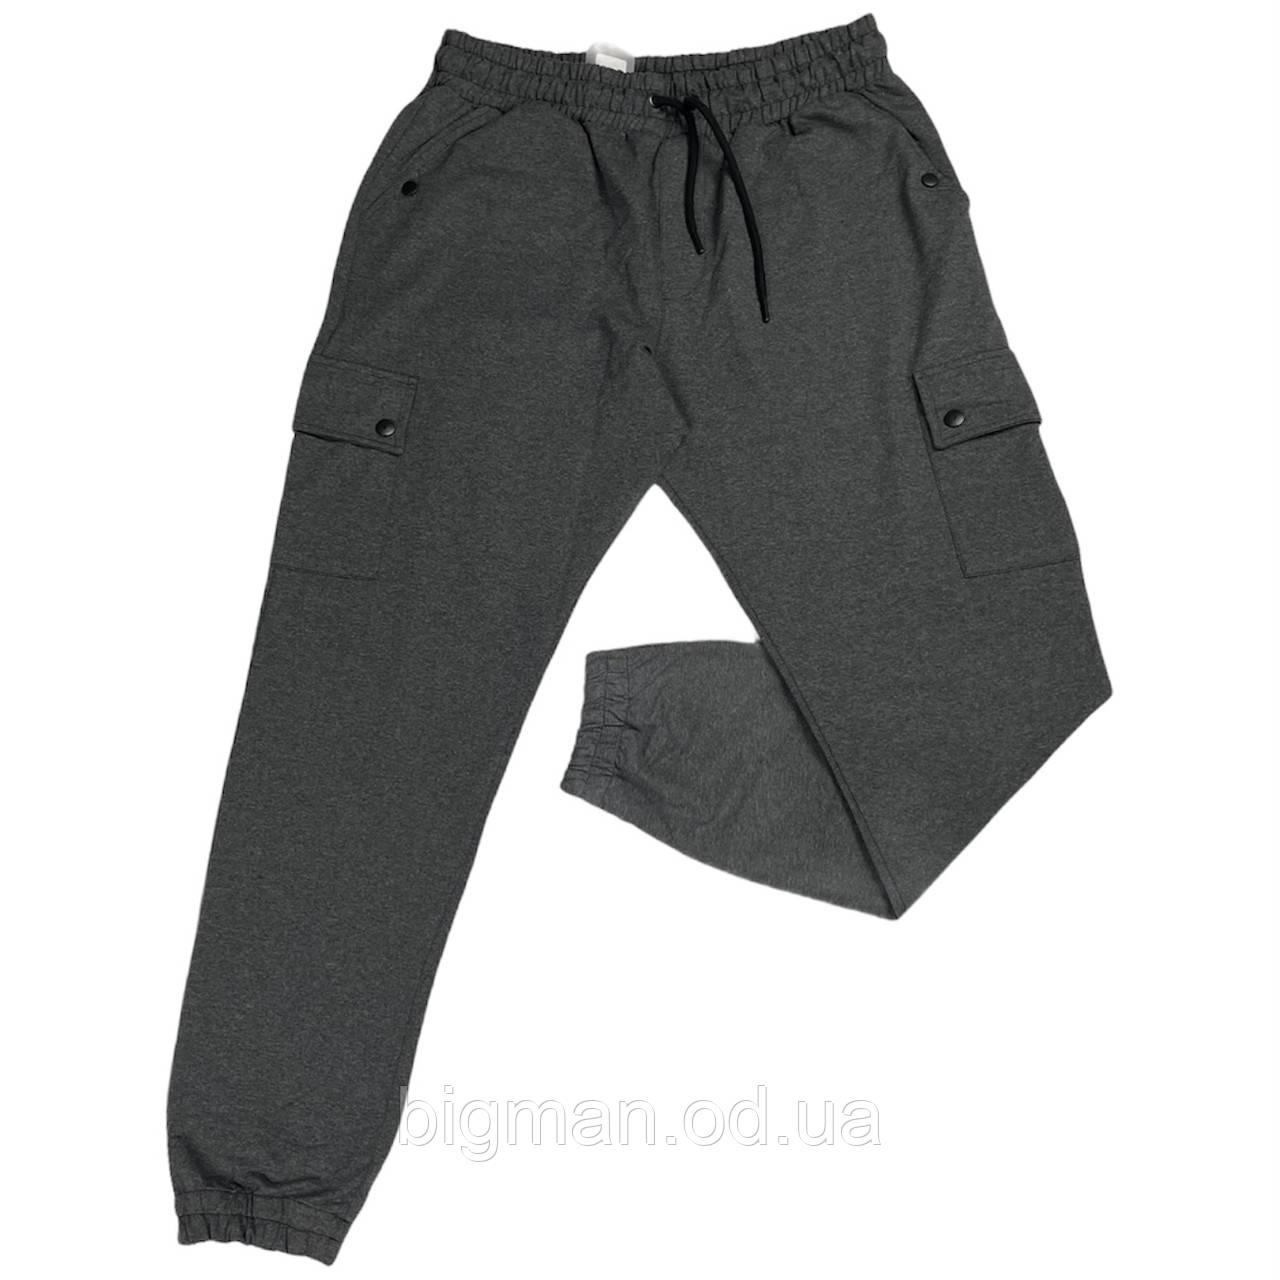 Чоловічі спортивні штанці на манжетах IFC 18028 XL 2XL 3XL 4XL 5XL 6XL сірі Туреччина батал великі розміри